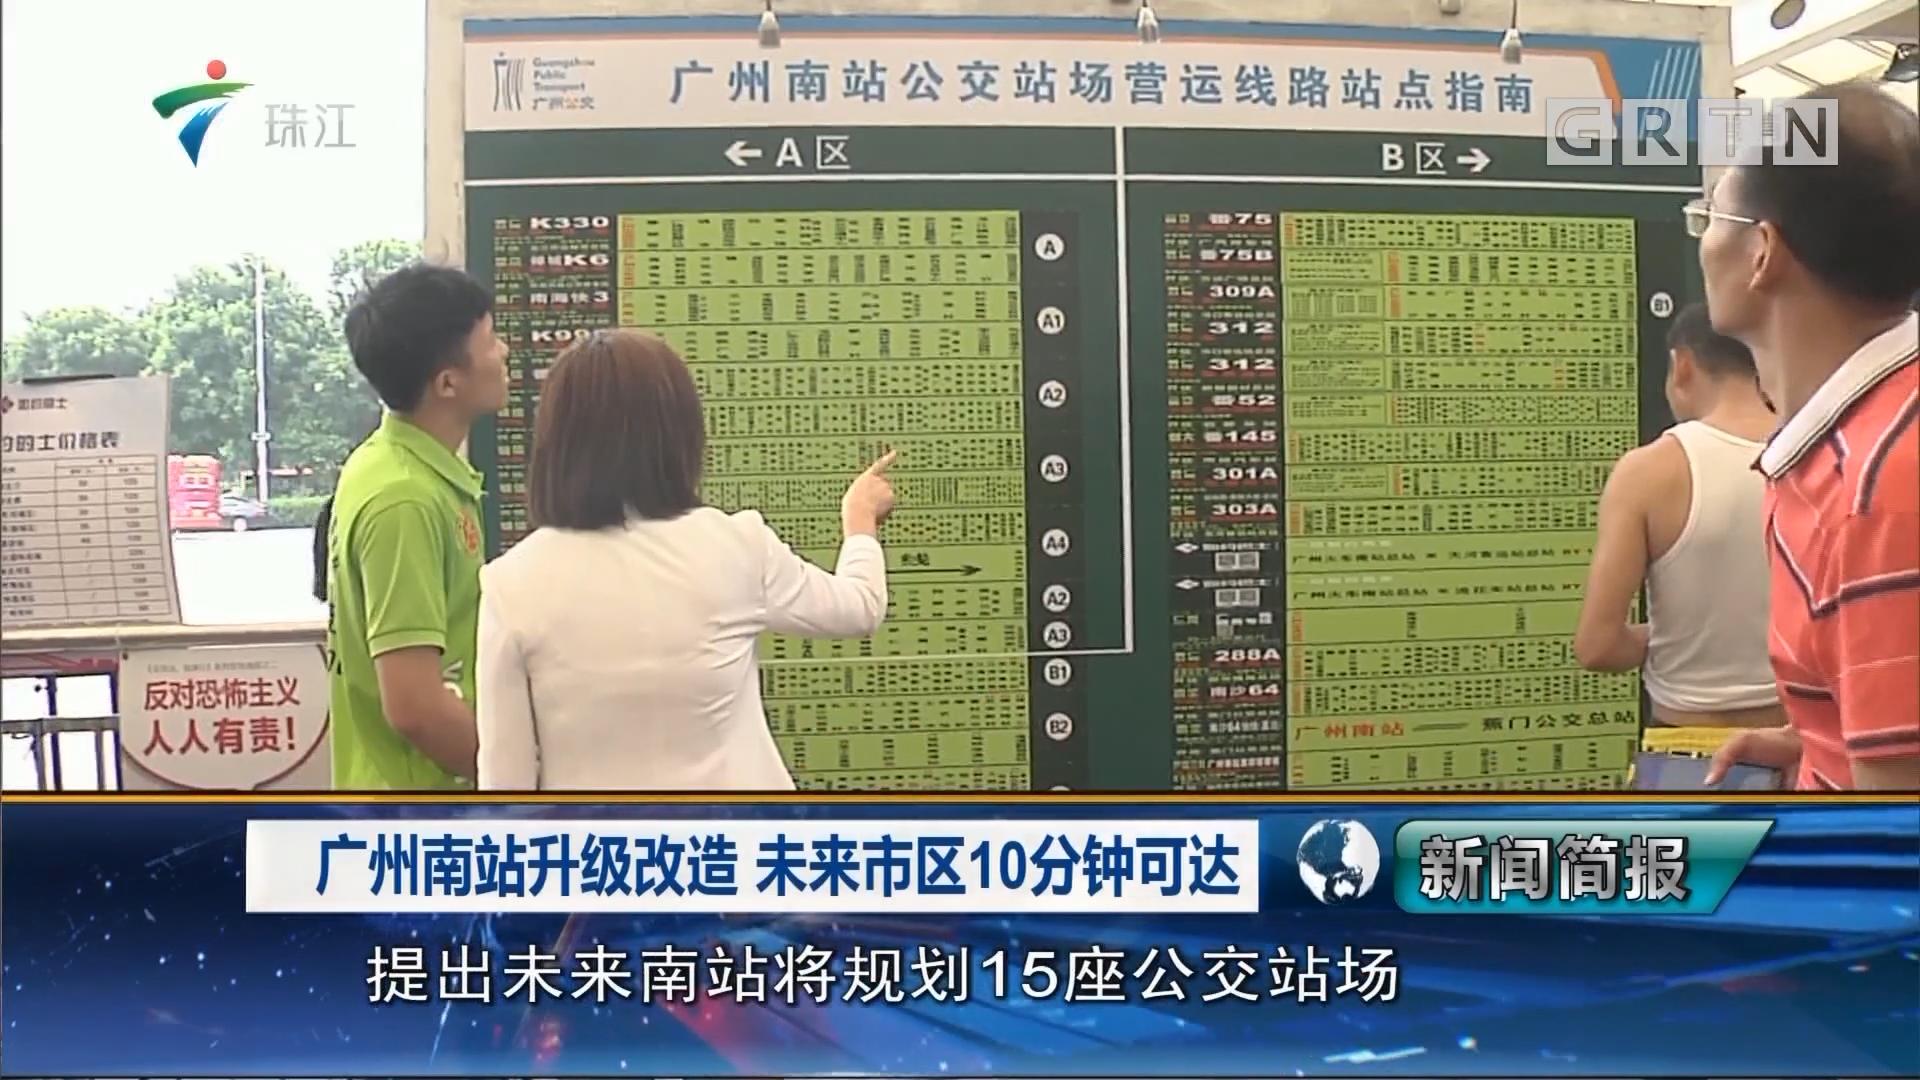 广州南站升级改造 未来市区10分钟可达